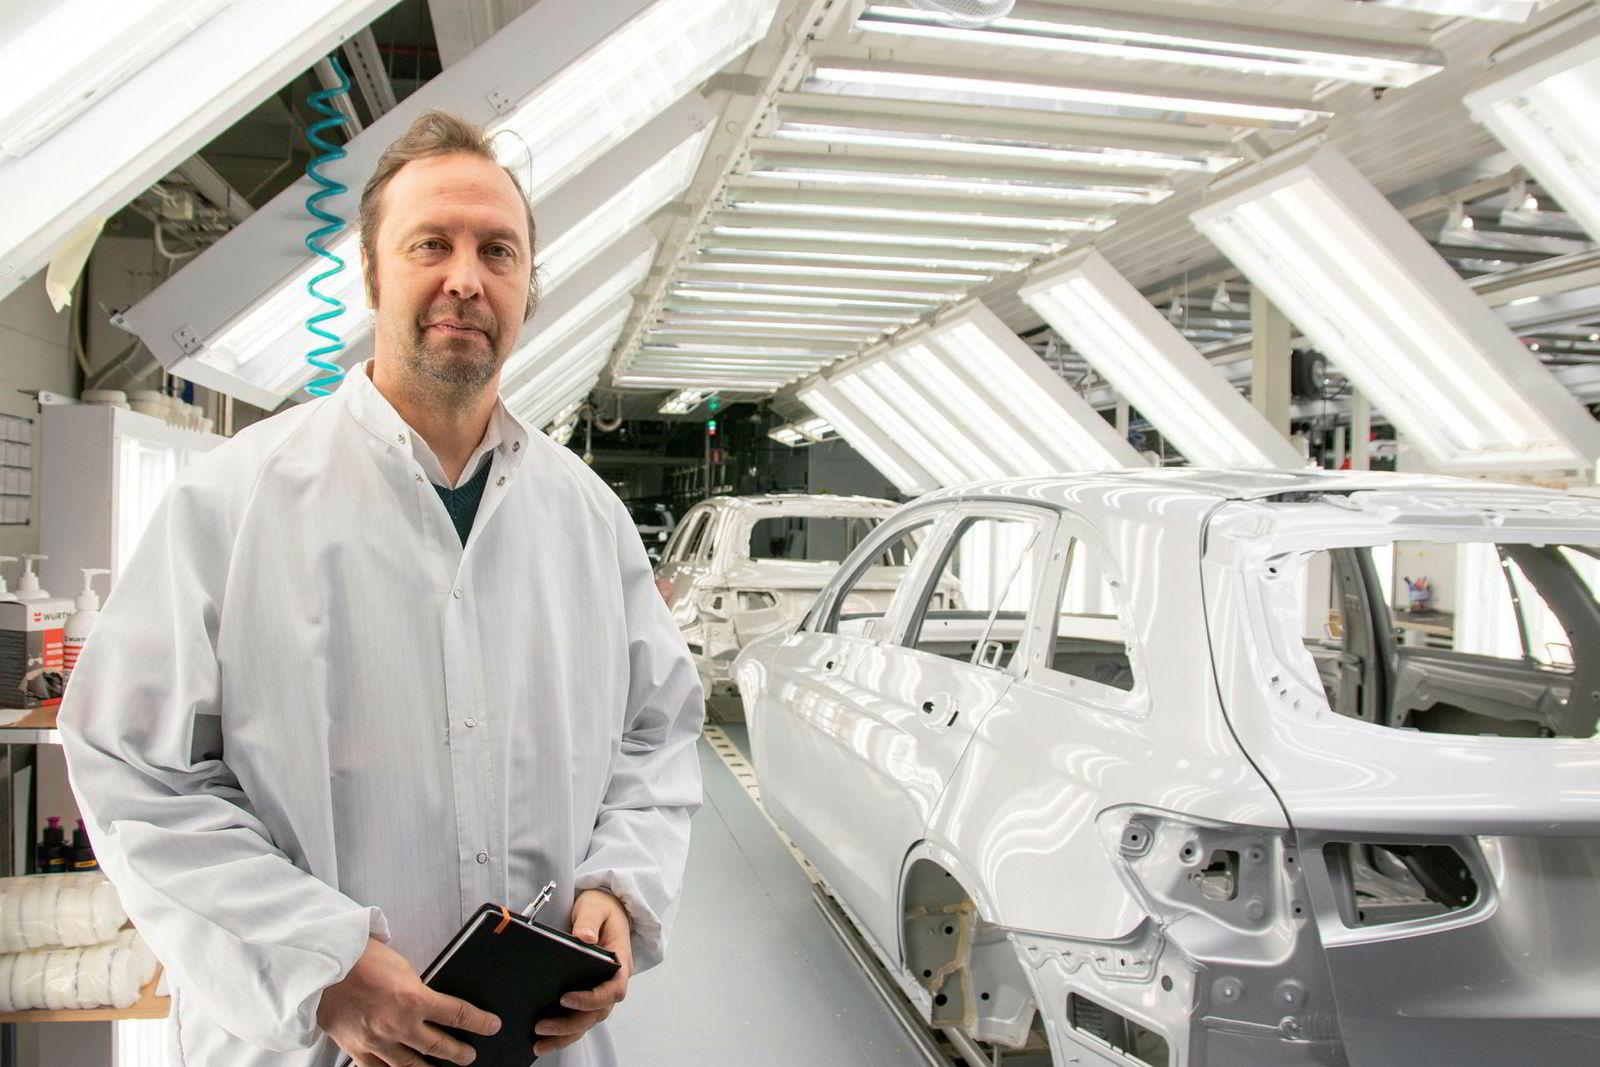 – Jeg vil si at utviklingen av roboter går raskere enn utviklingen innenfor data, selv om mange tror det er motsatt, sier Mikael Mäki, kommunikasjonssjef i Valmet Automotive.